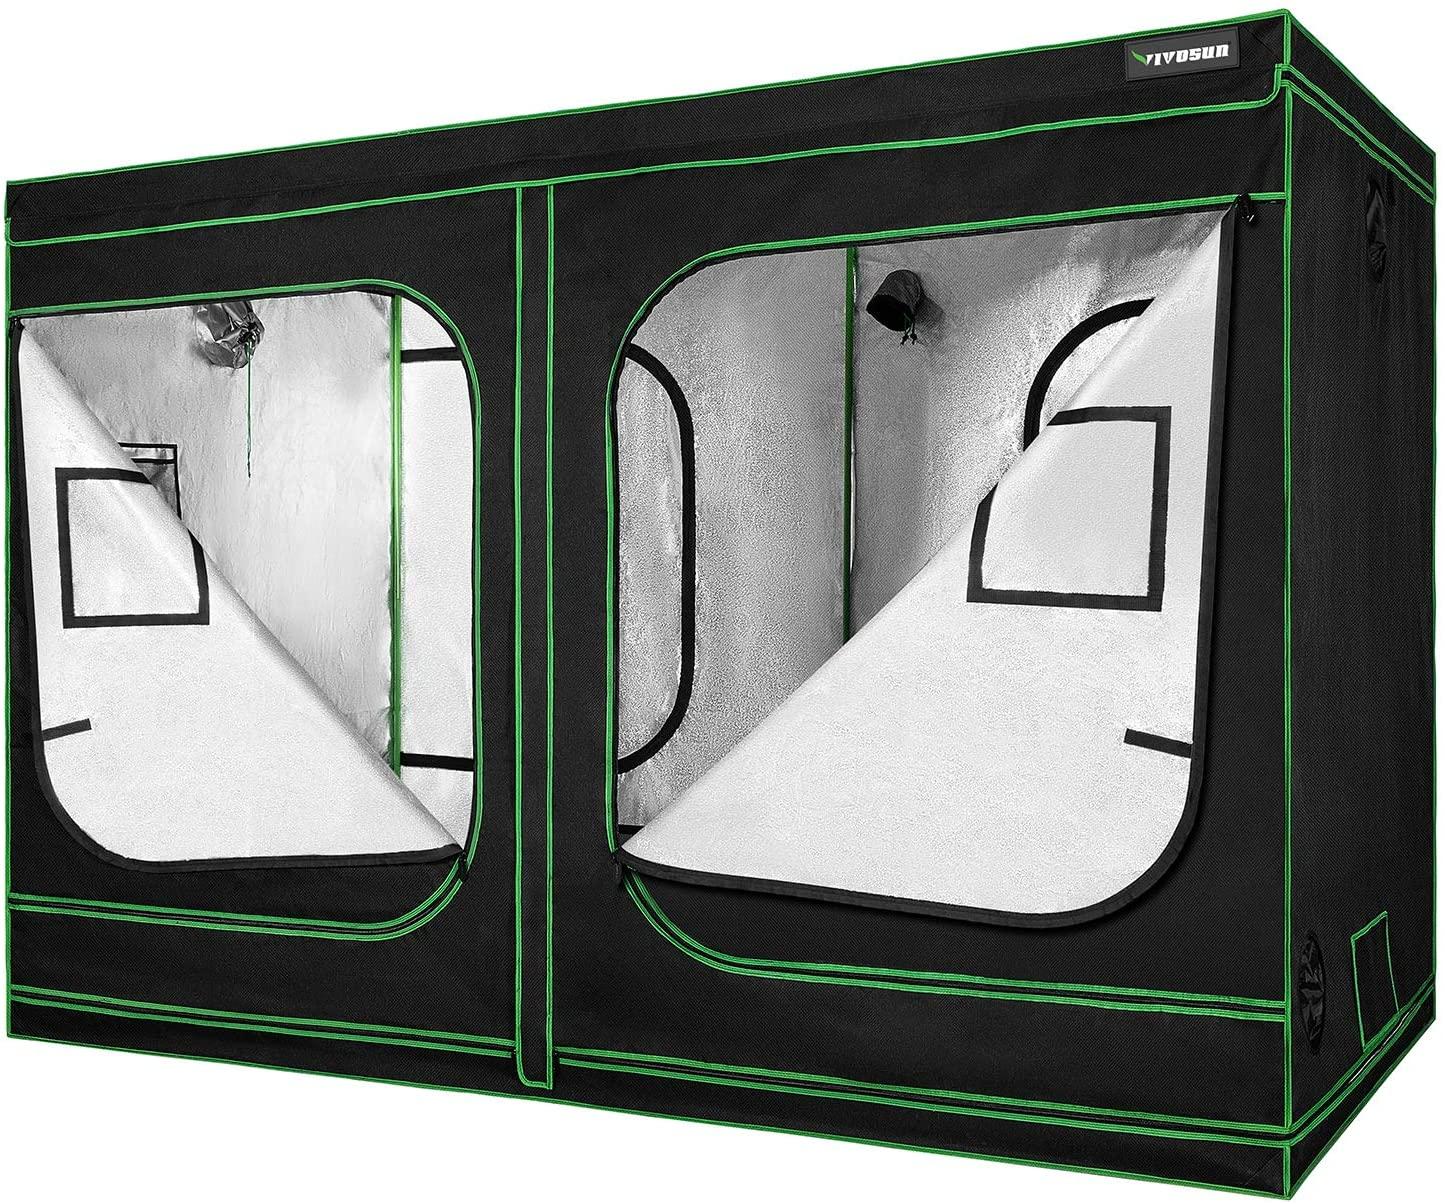 VIVOSUN 96x48x80 Mylar Hydroponic small Grow Tents